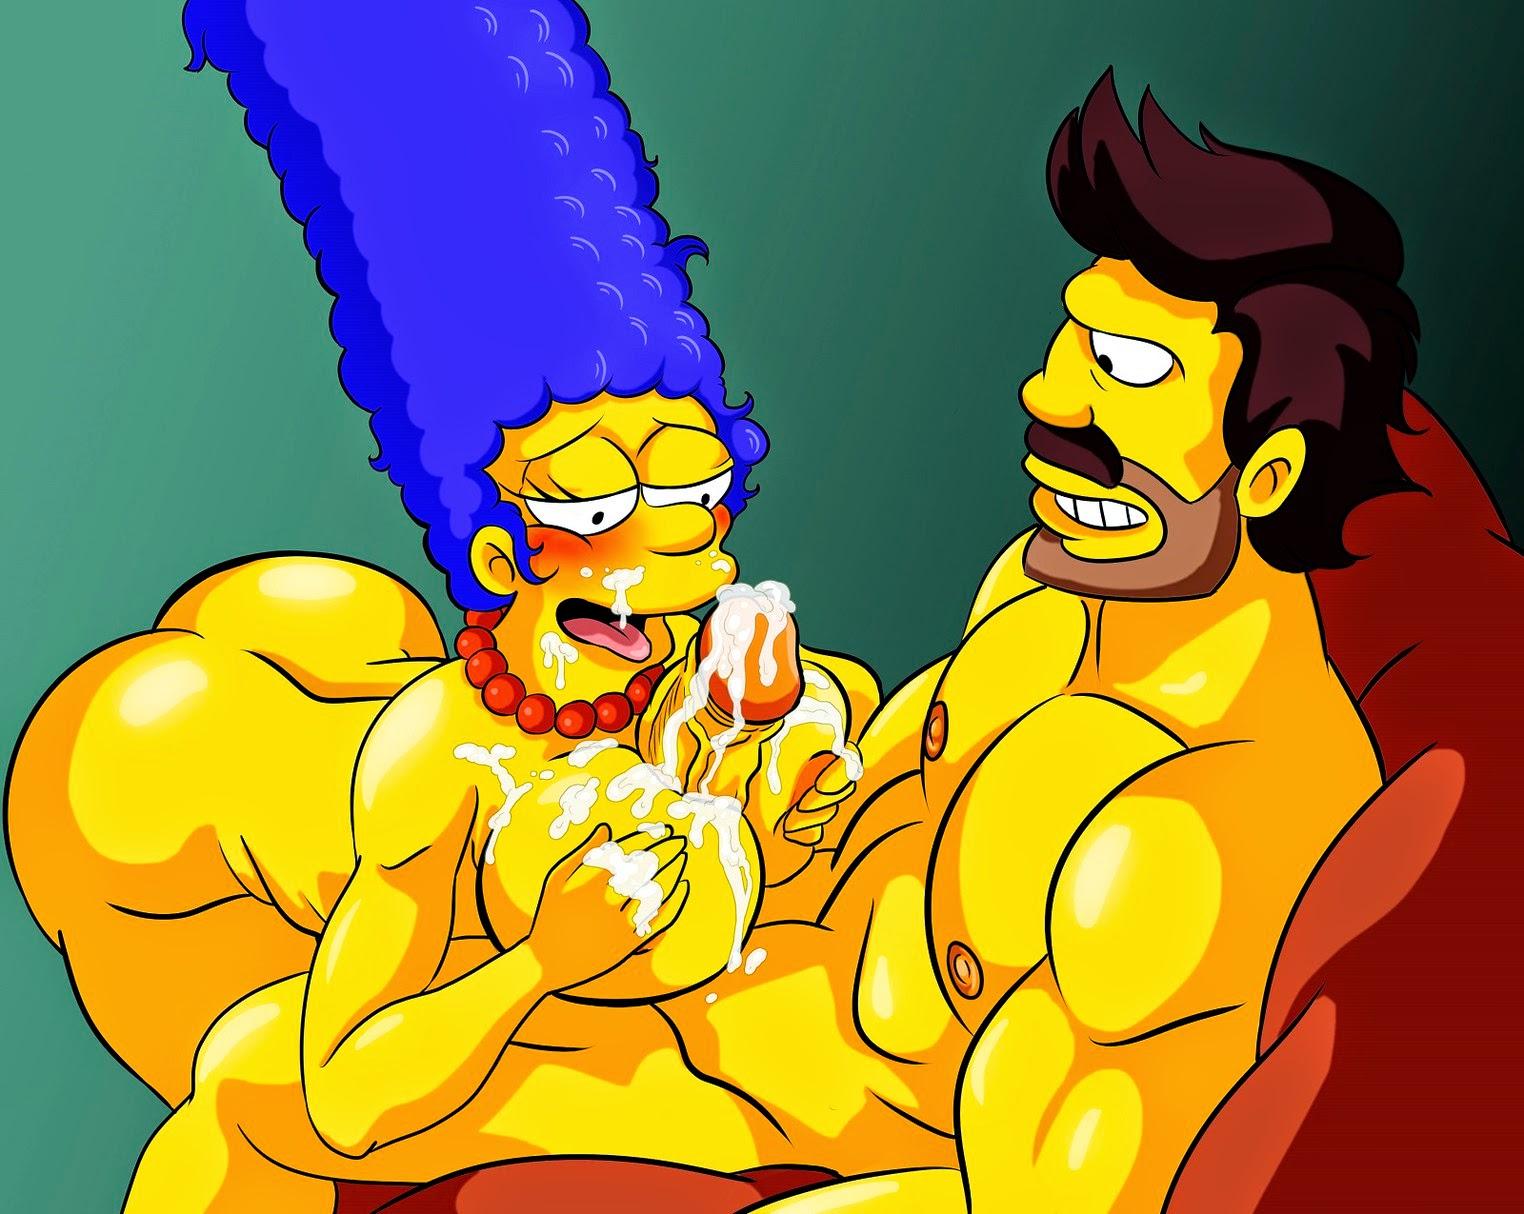 Взял порно игры про симпсонов этом